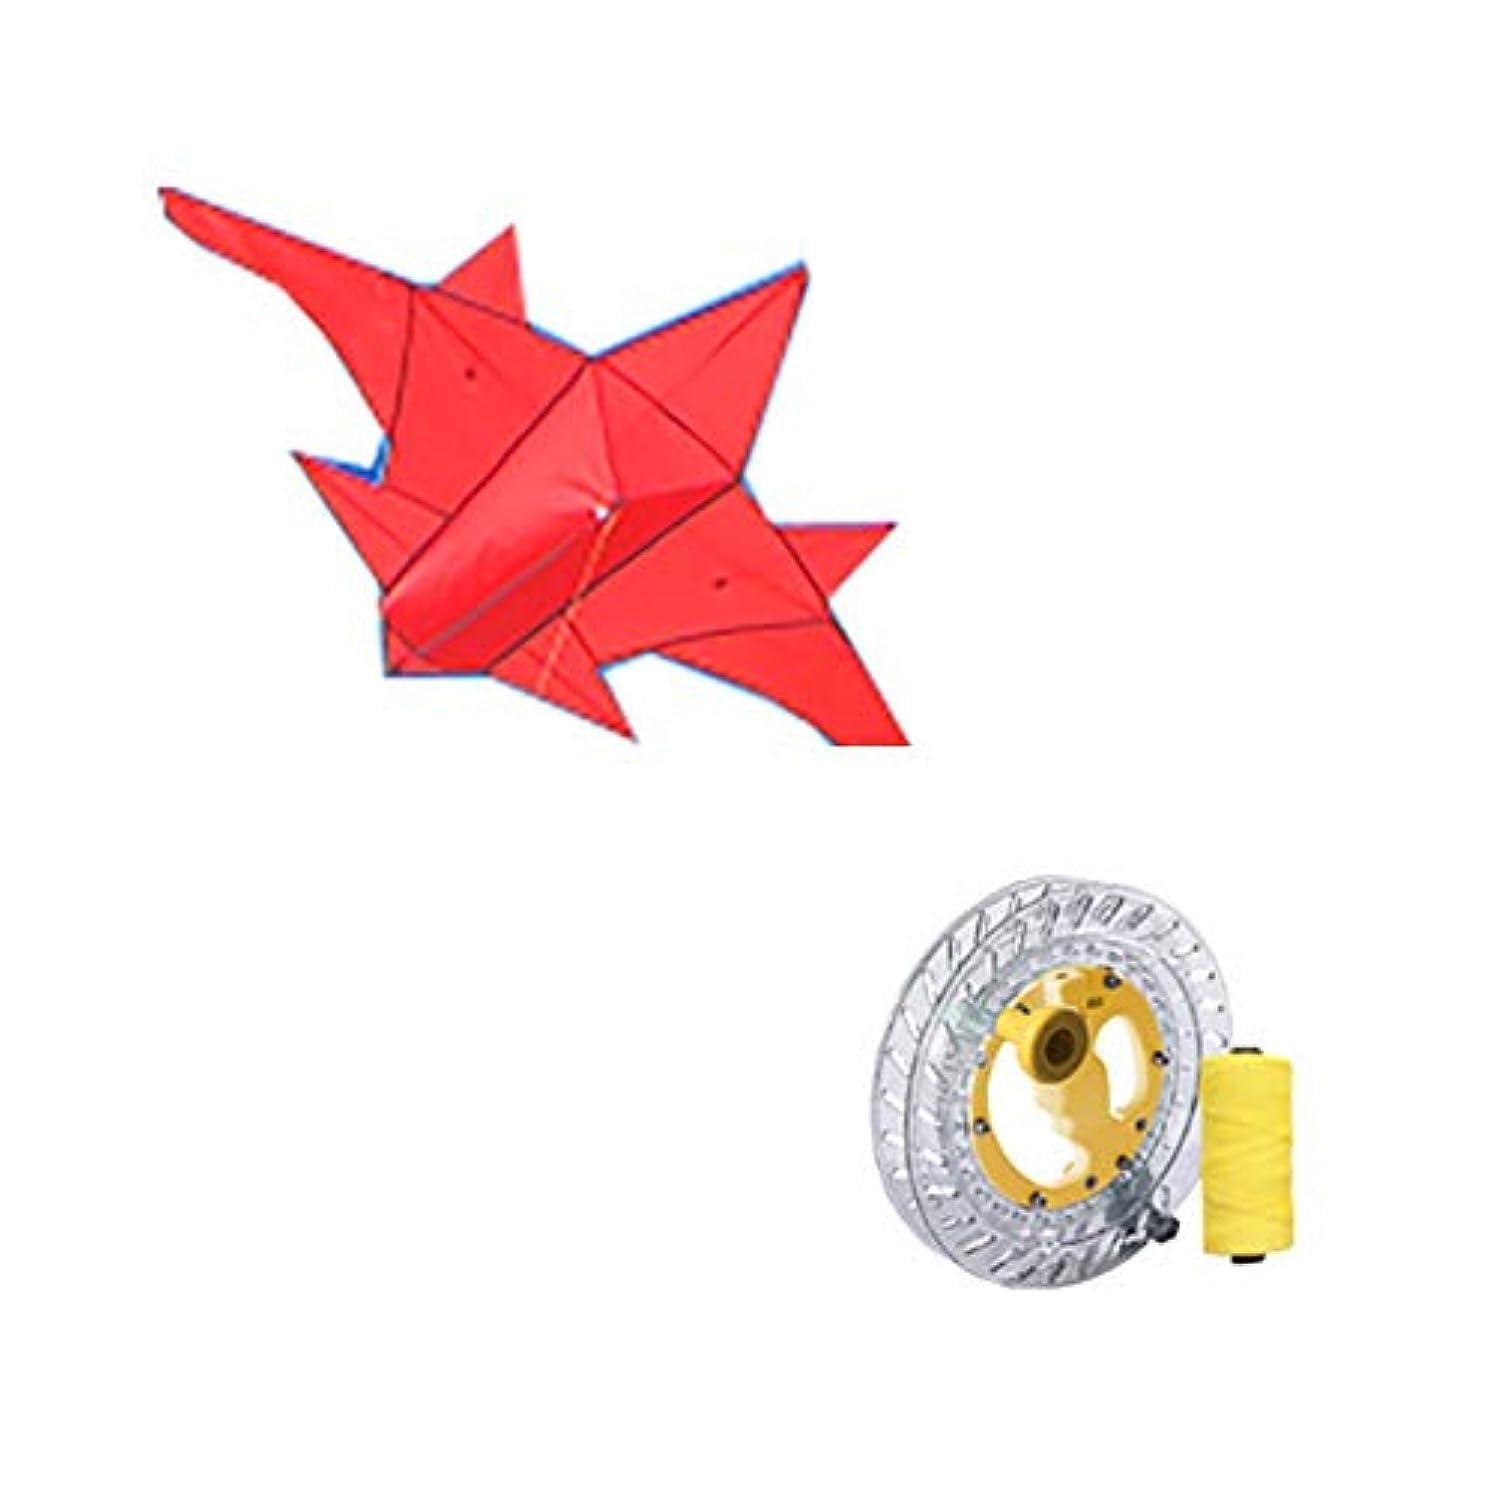 近代化量でマウス寝袋キルト3シーズンキャンプブッシュ屋外屋外 子供のための2つの色で利用できる戦士の凧、大人 さまざまな色とサイズで利用可能 (色 : H h)